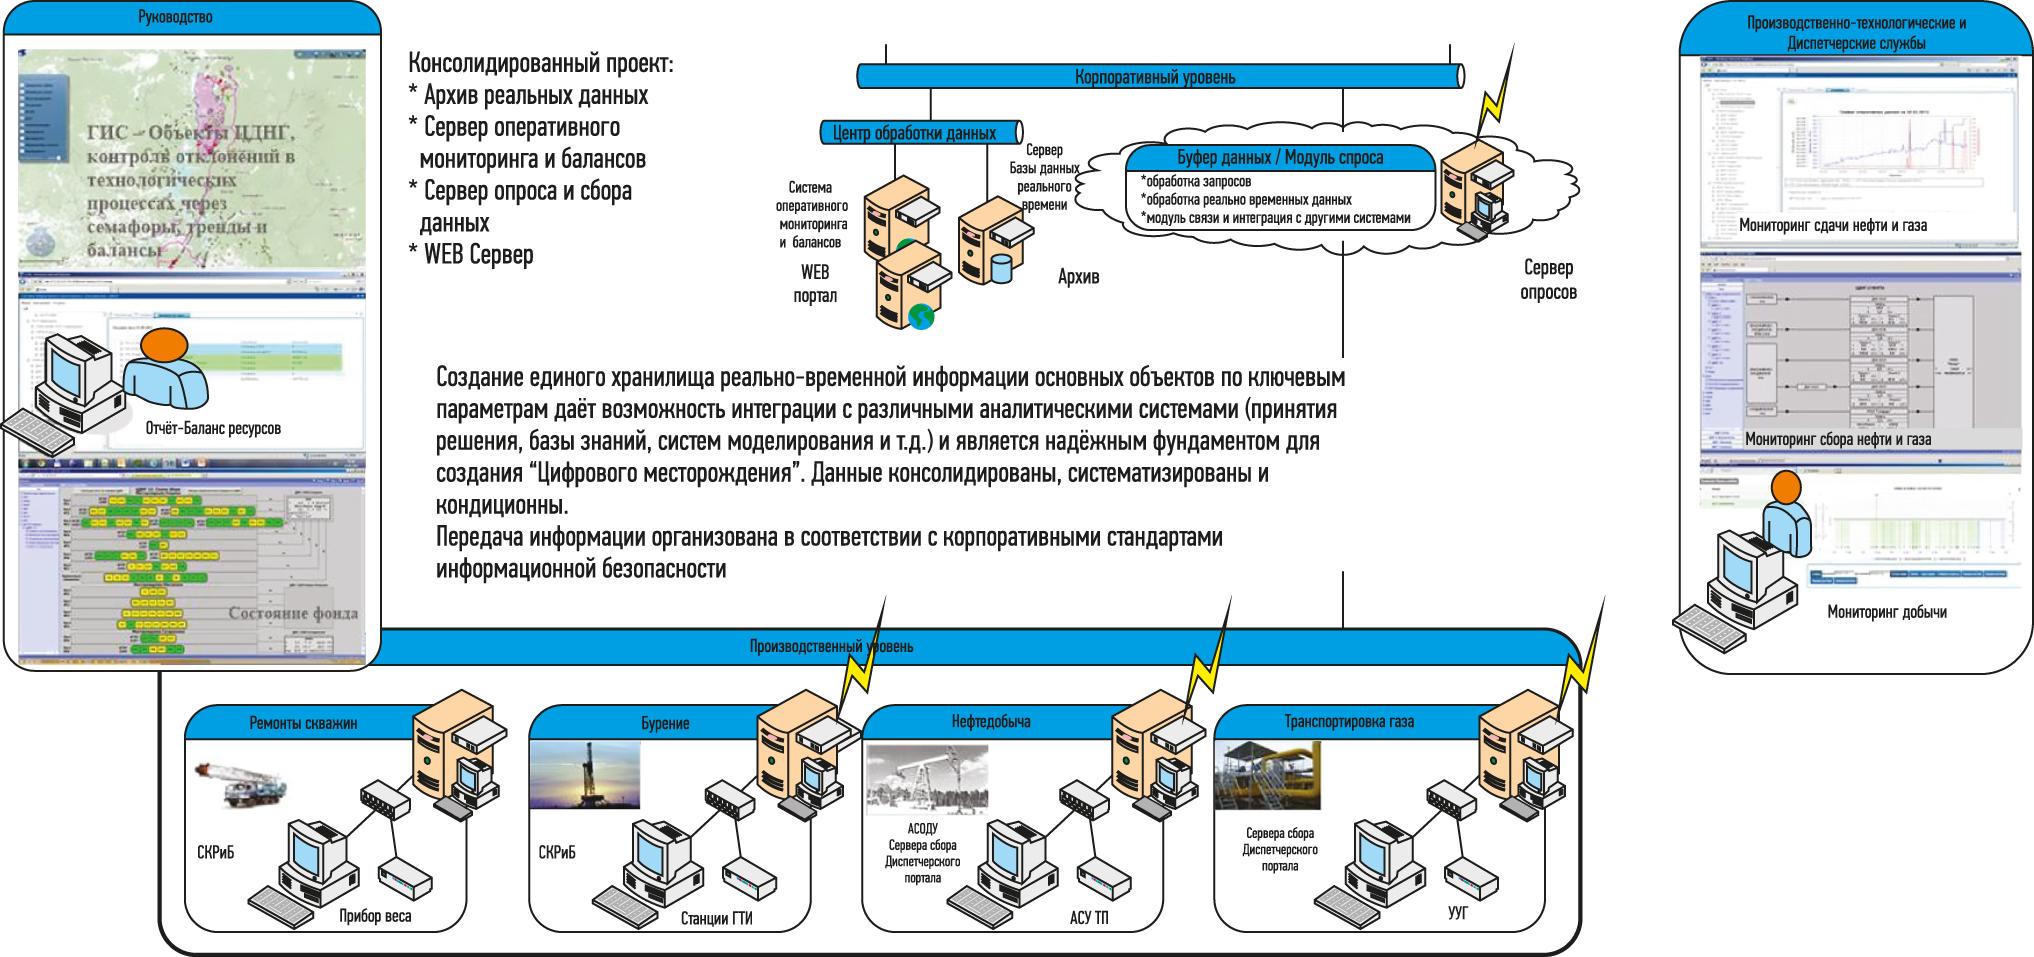 Архитектура Системы ДП и интеграционные решения